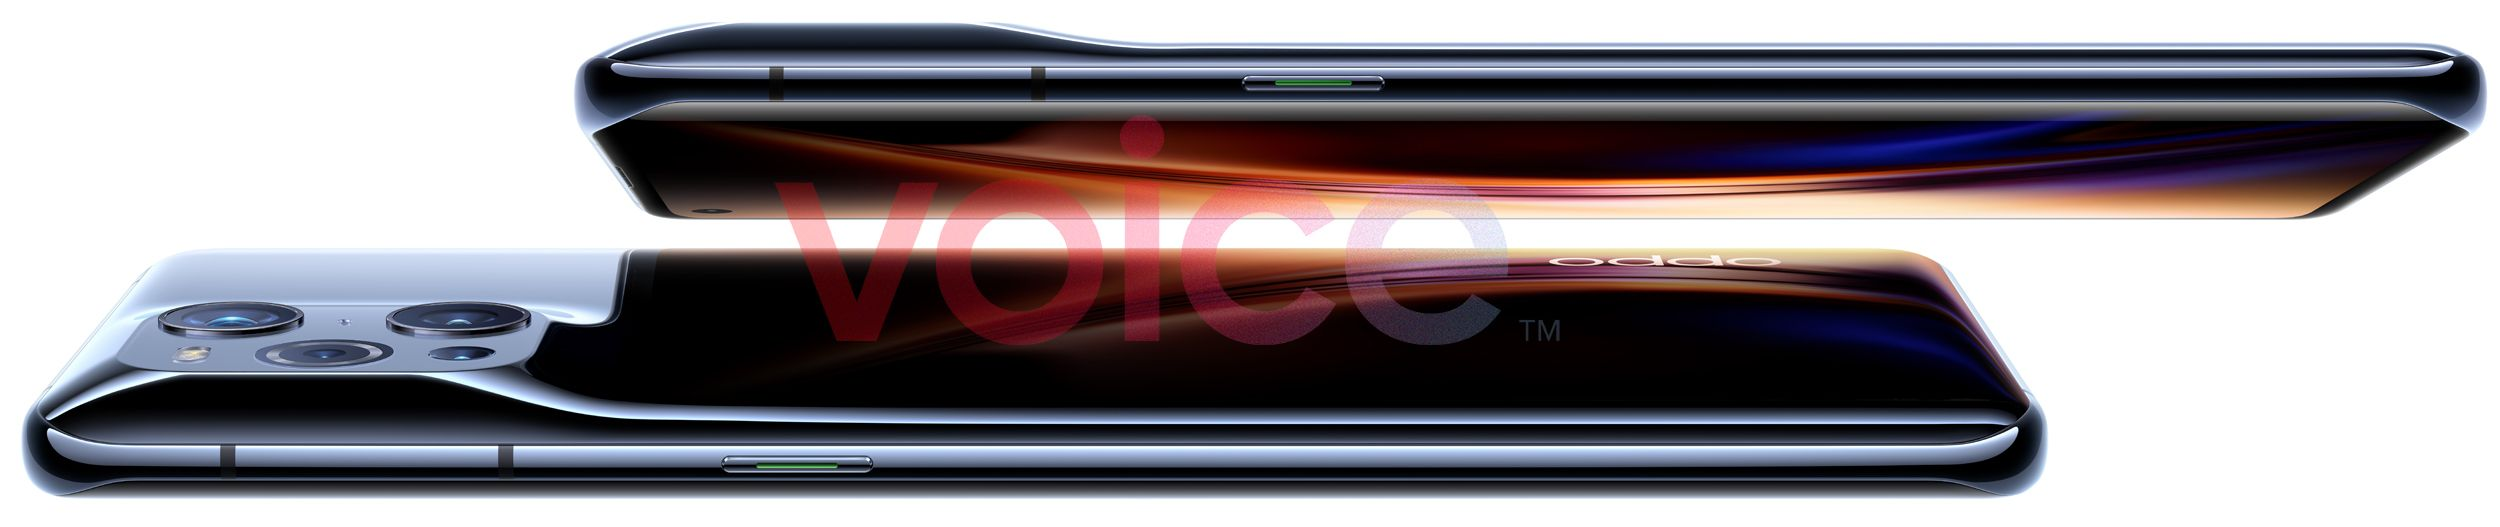 OPPO FIND X3 Pro 官方渲染图曝光,镜头排列疑似撞脸 iPhone 12 Pro,预计 2021 年第一季度发布? 2